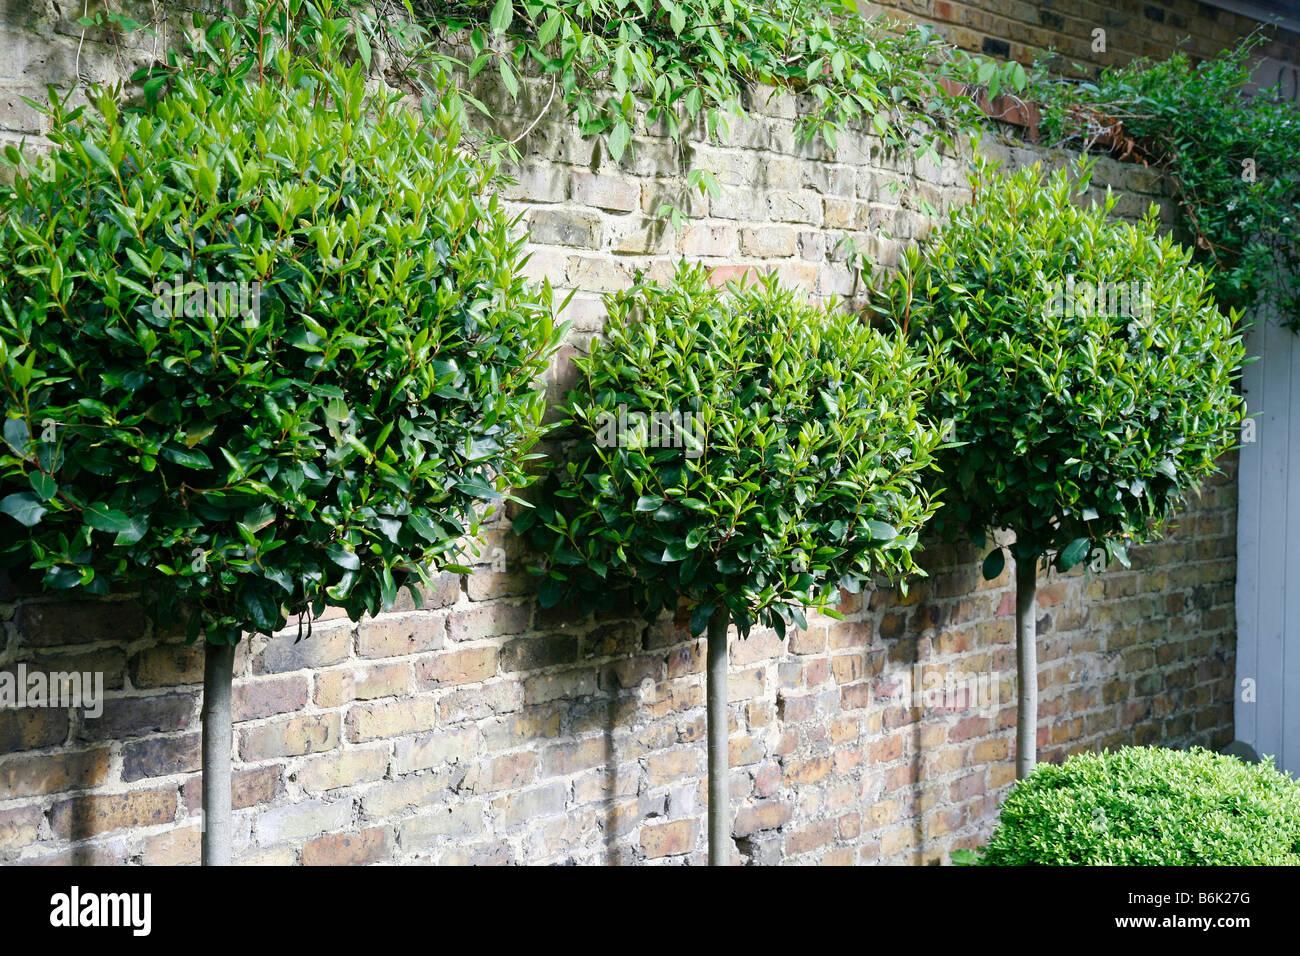 Außergewöhnlich Baumform Lorbeer (Laurus Nobilis) in einem London-Garten in der #DB_26